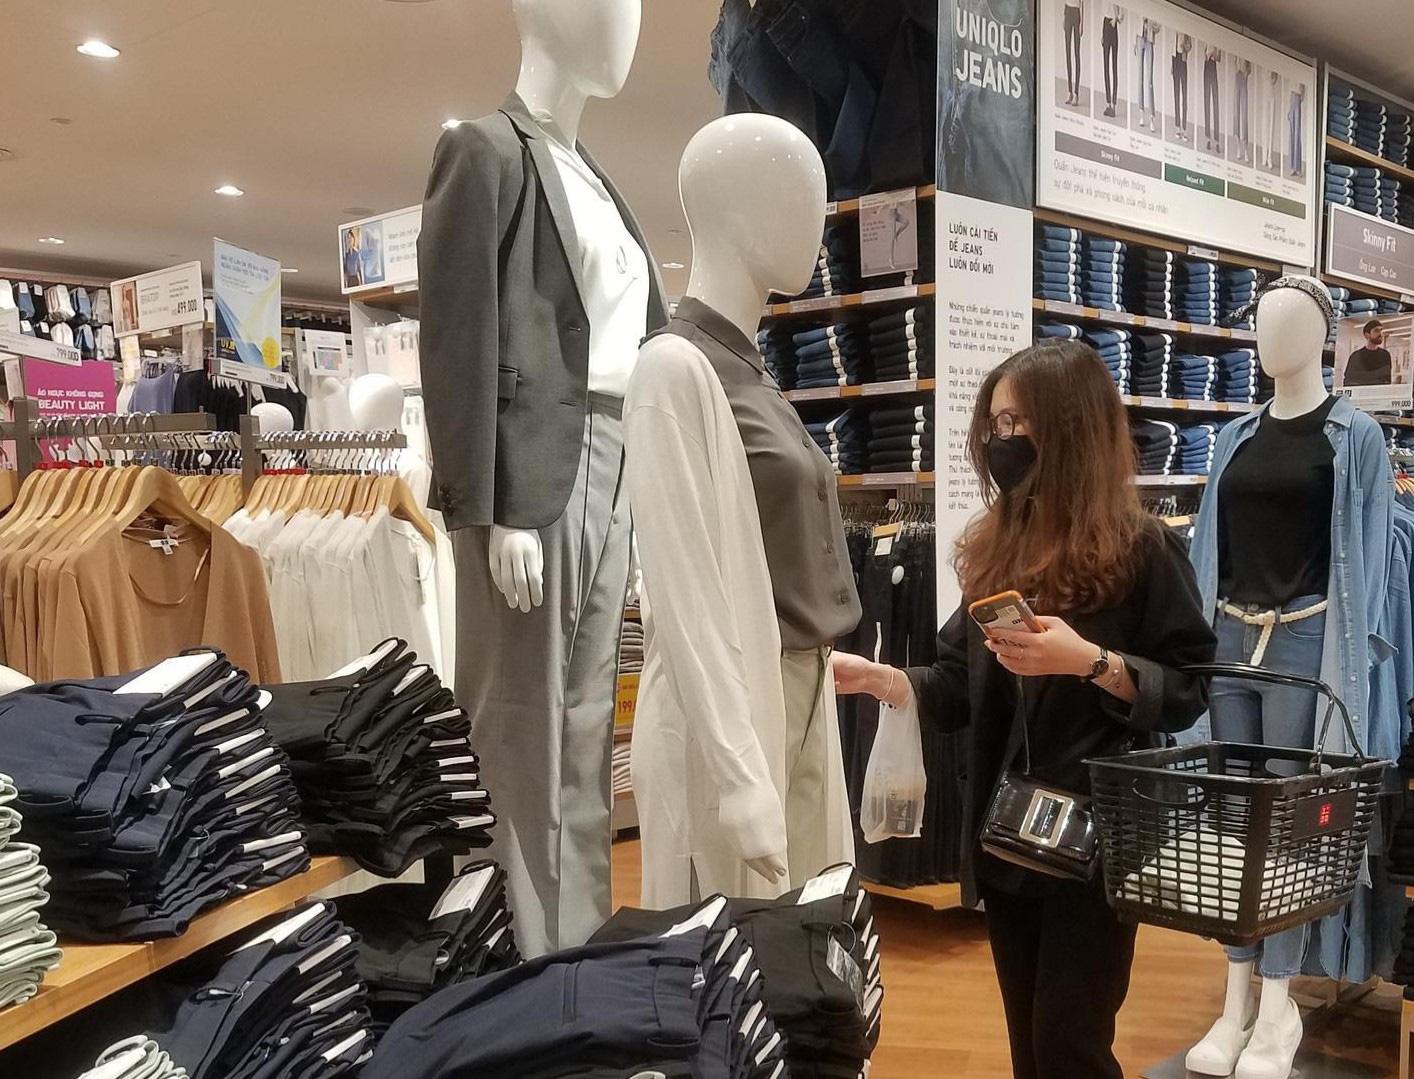 Uniqlo Hà Nội sau 1 tuần khai trương, khách hàng vẫn tới trải nghiệm mua sắm dù đang có dịch bệnh - Ảnh 13.